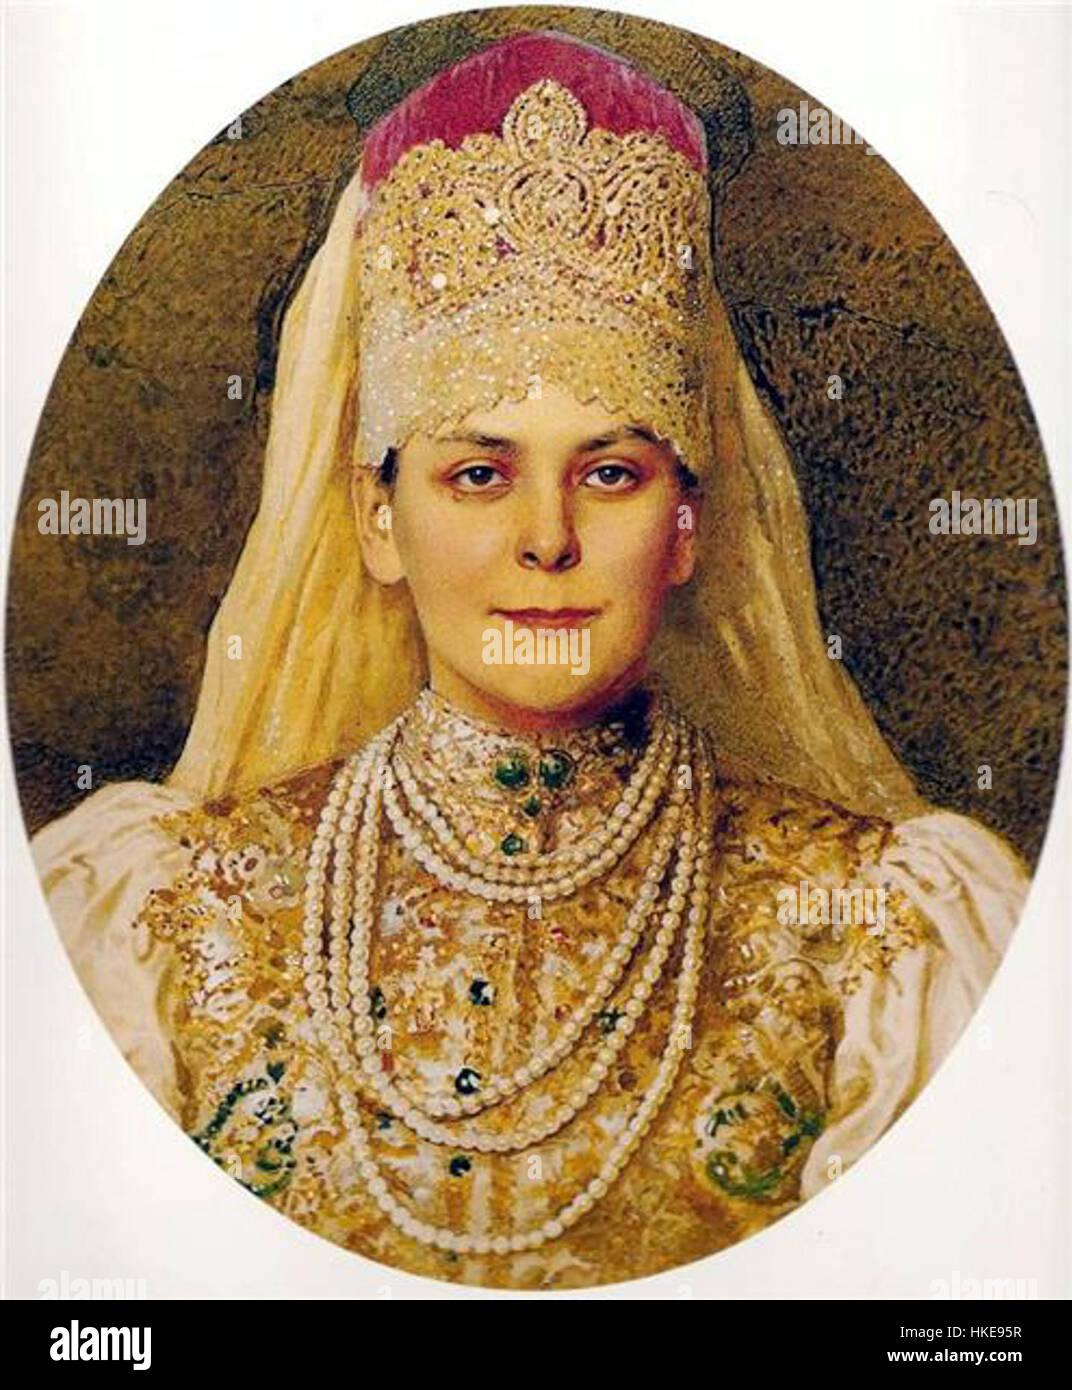 73ebc24dc Olga Paley en ruso vestido Foto & Imagen De Stock: 132465587 - Alamy